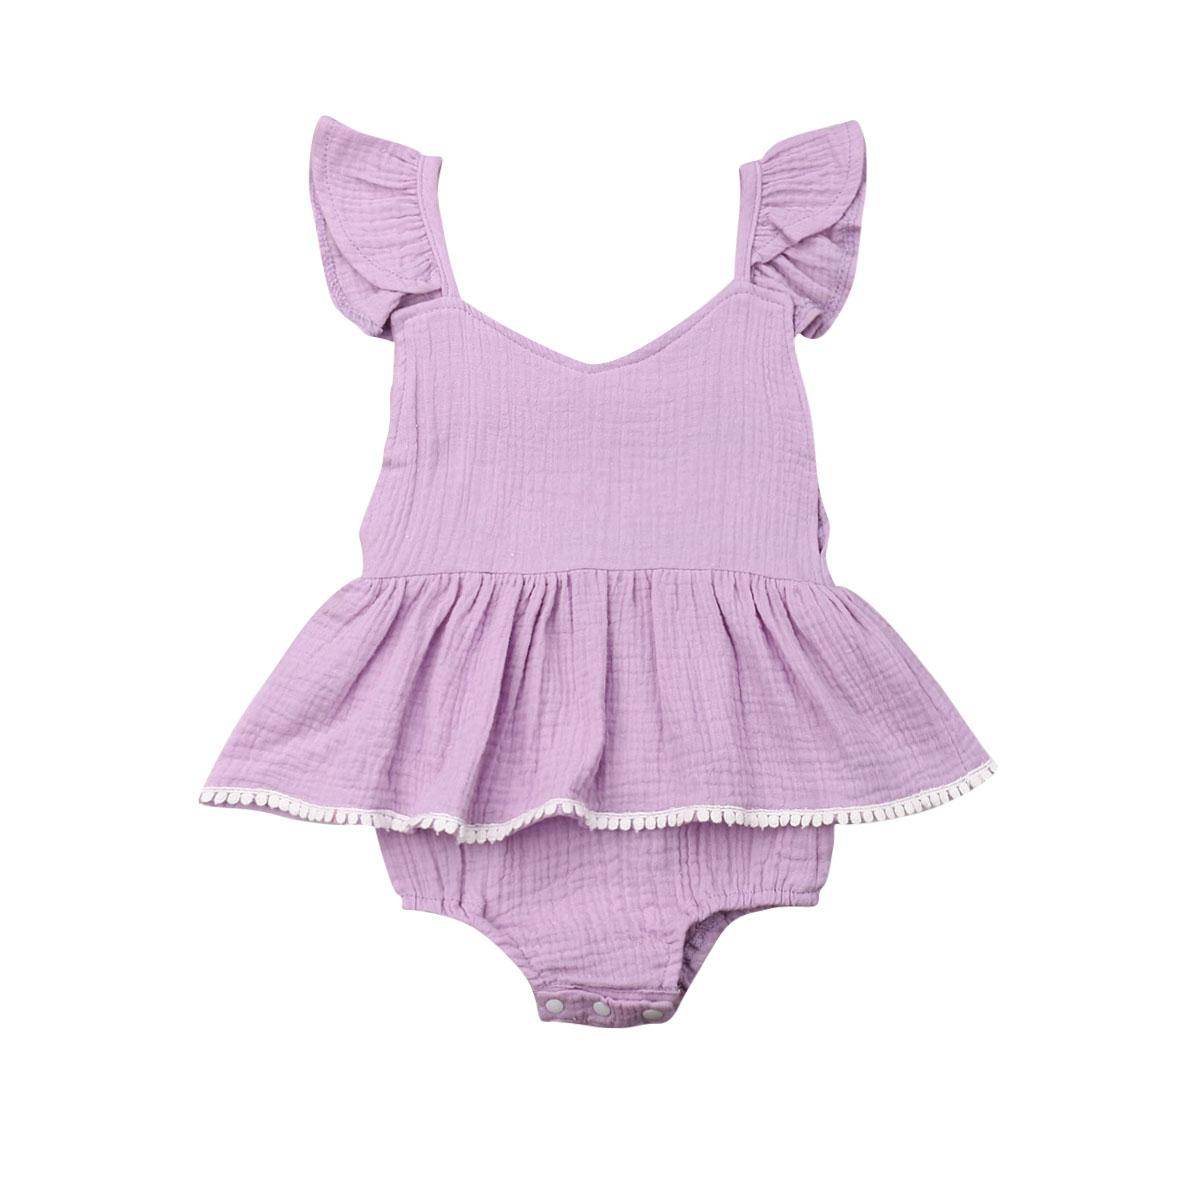 2020 verano recién nacidos Baby Body ropa sin mangas infantil del niño sólido ocasional vestido lindo del mono de Trajes